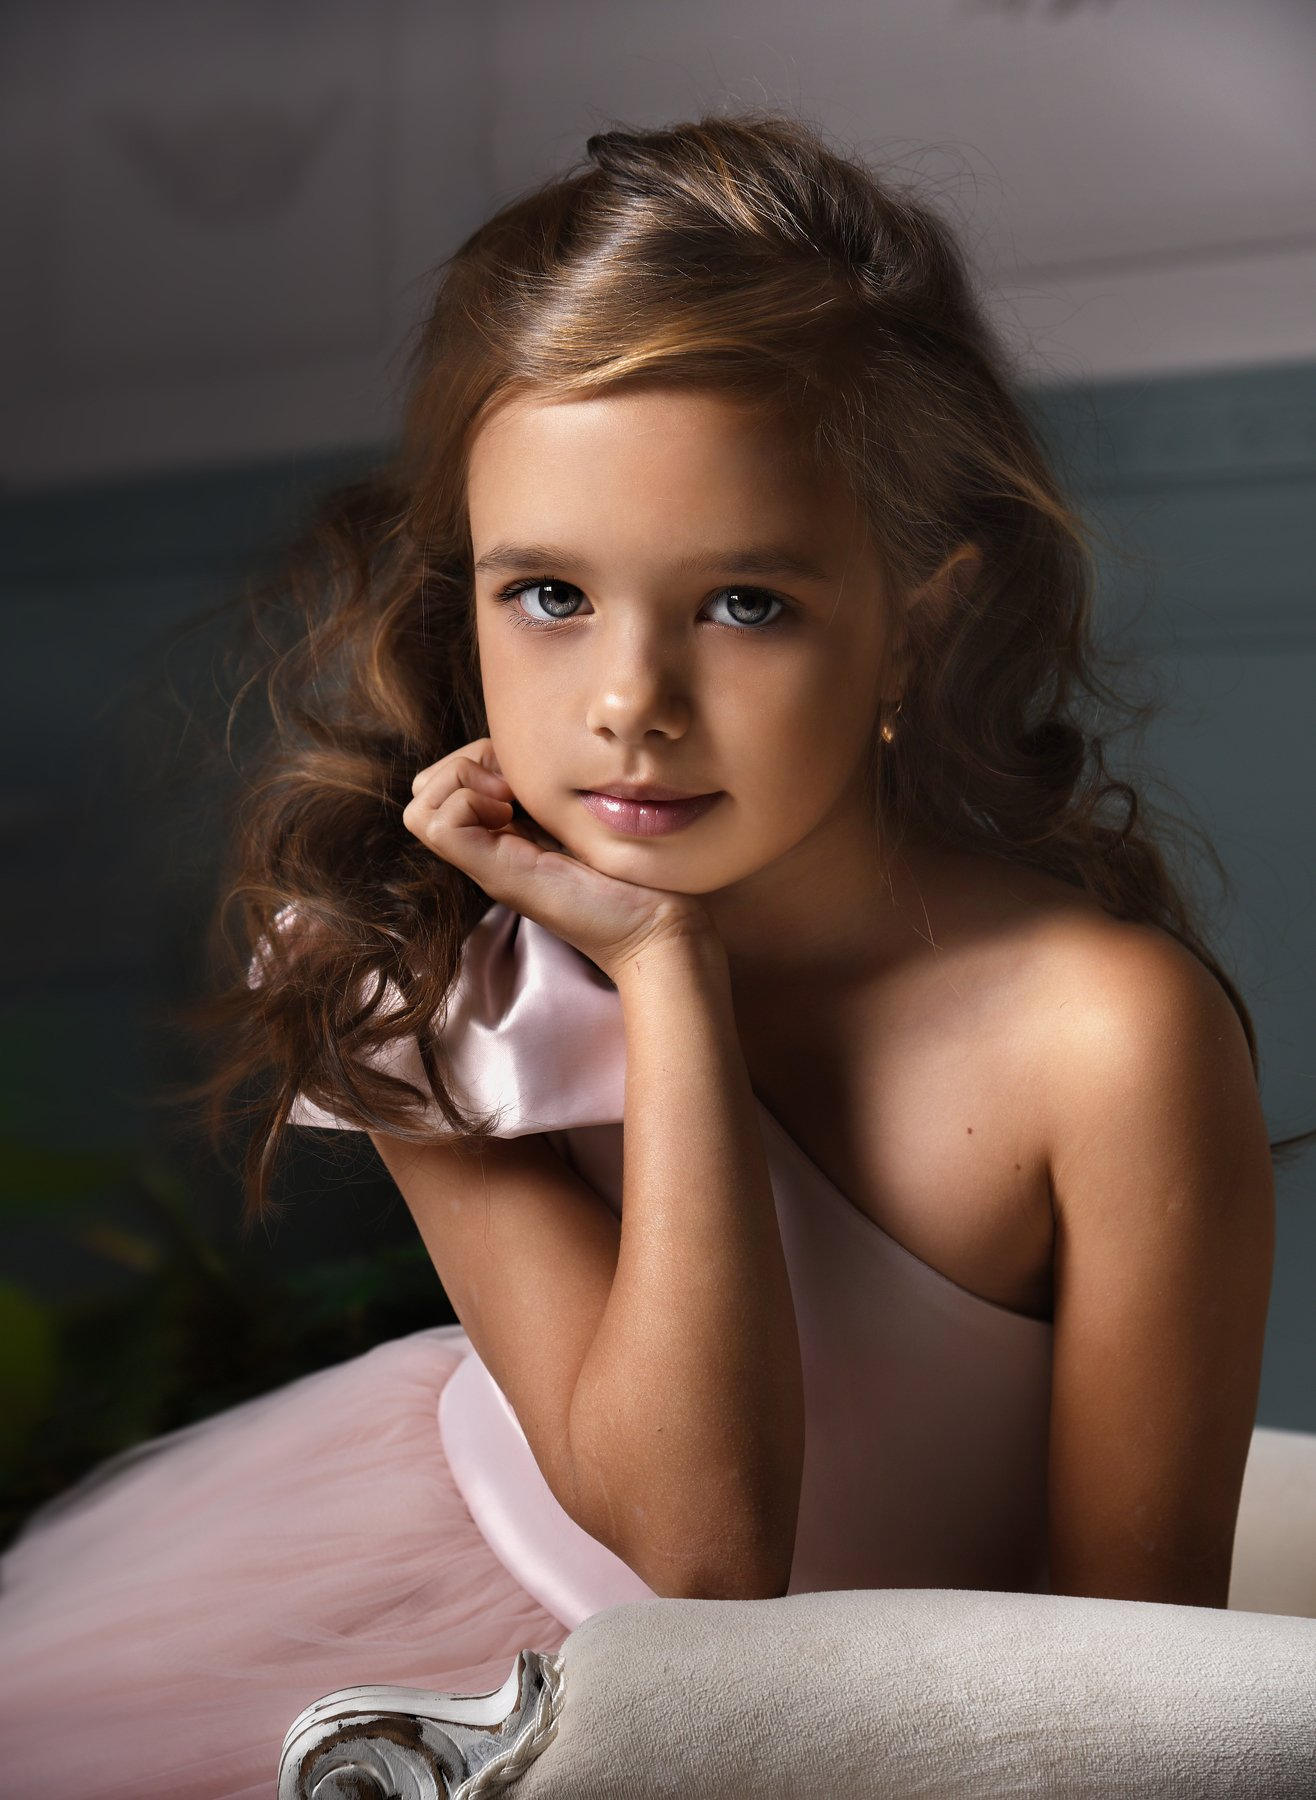 портрет, модель, студия, portrait, fashion, model, girl, child, childportrait, детская фотография, красивая девочка, модель, Olli Ogneva